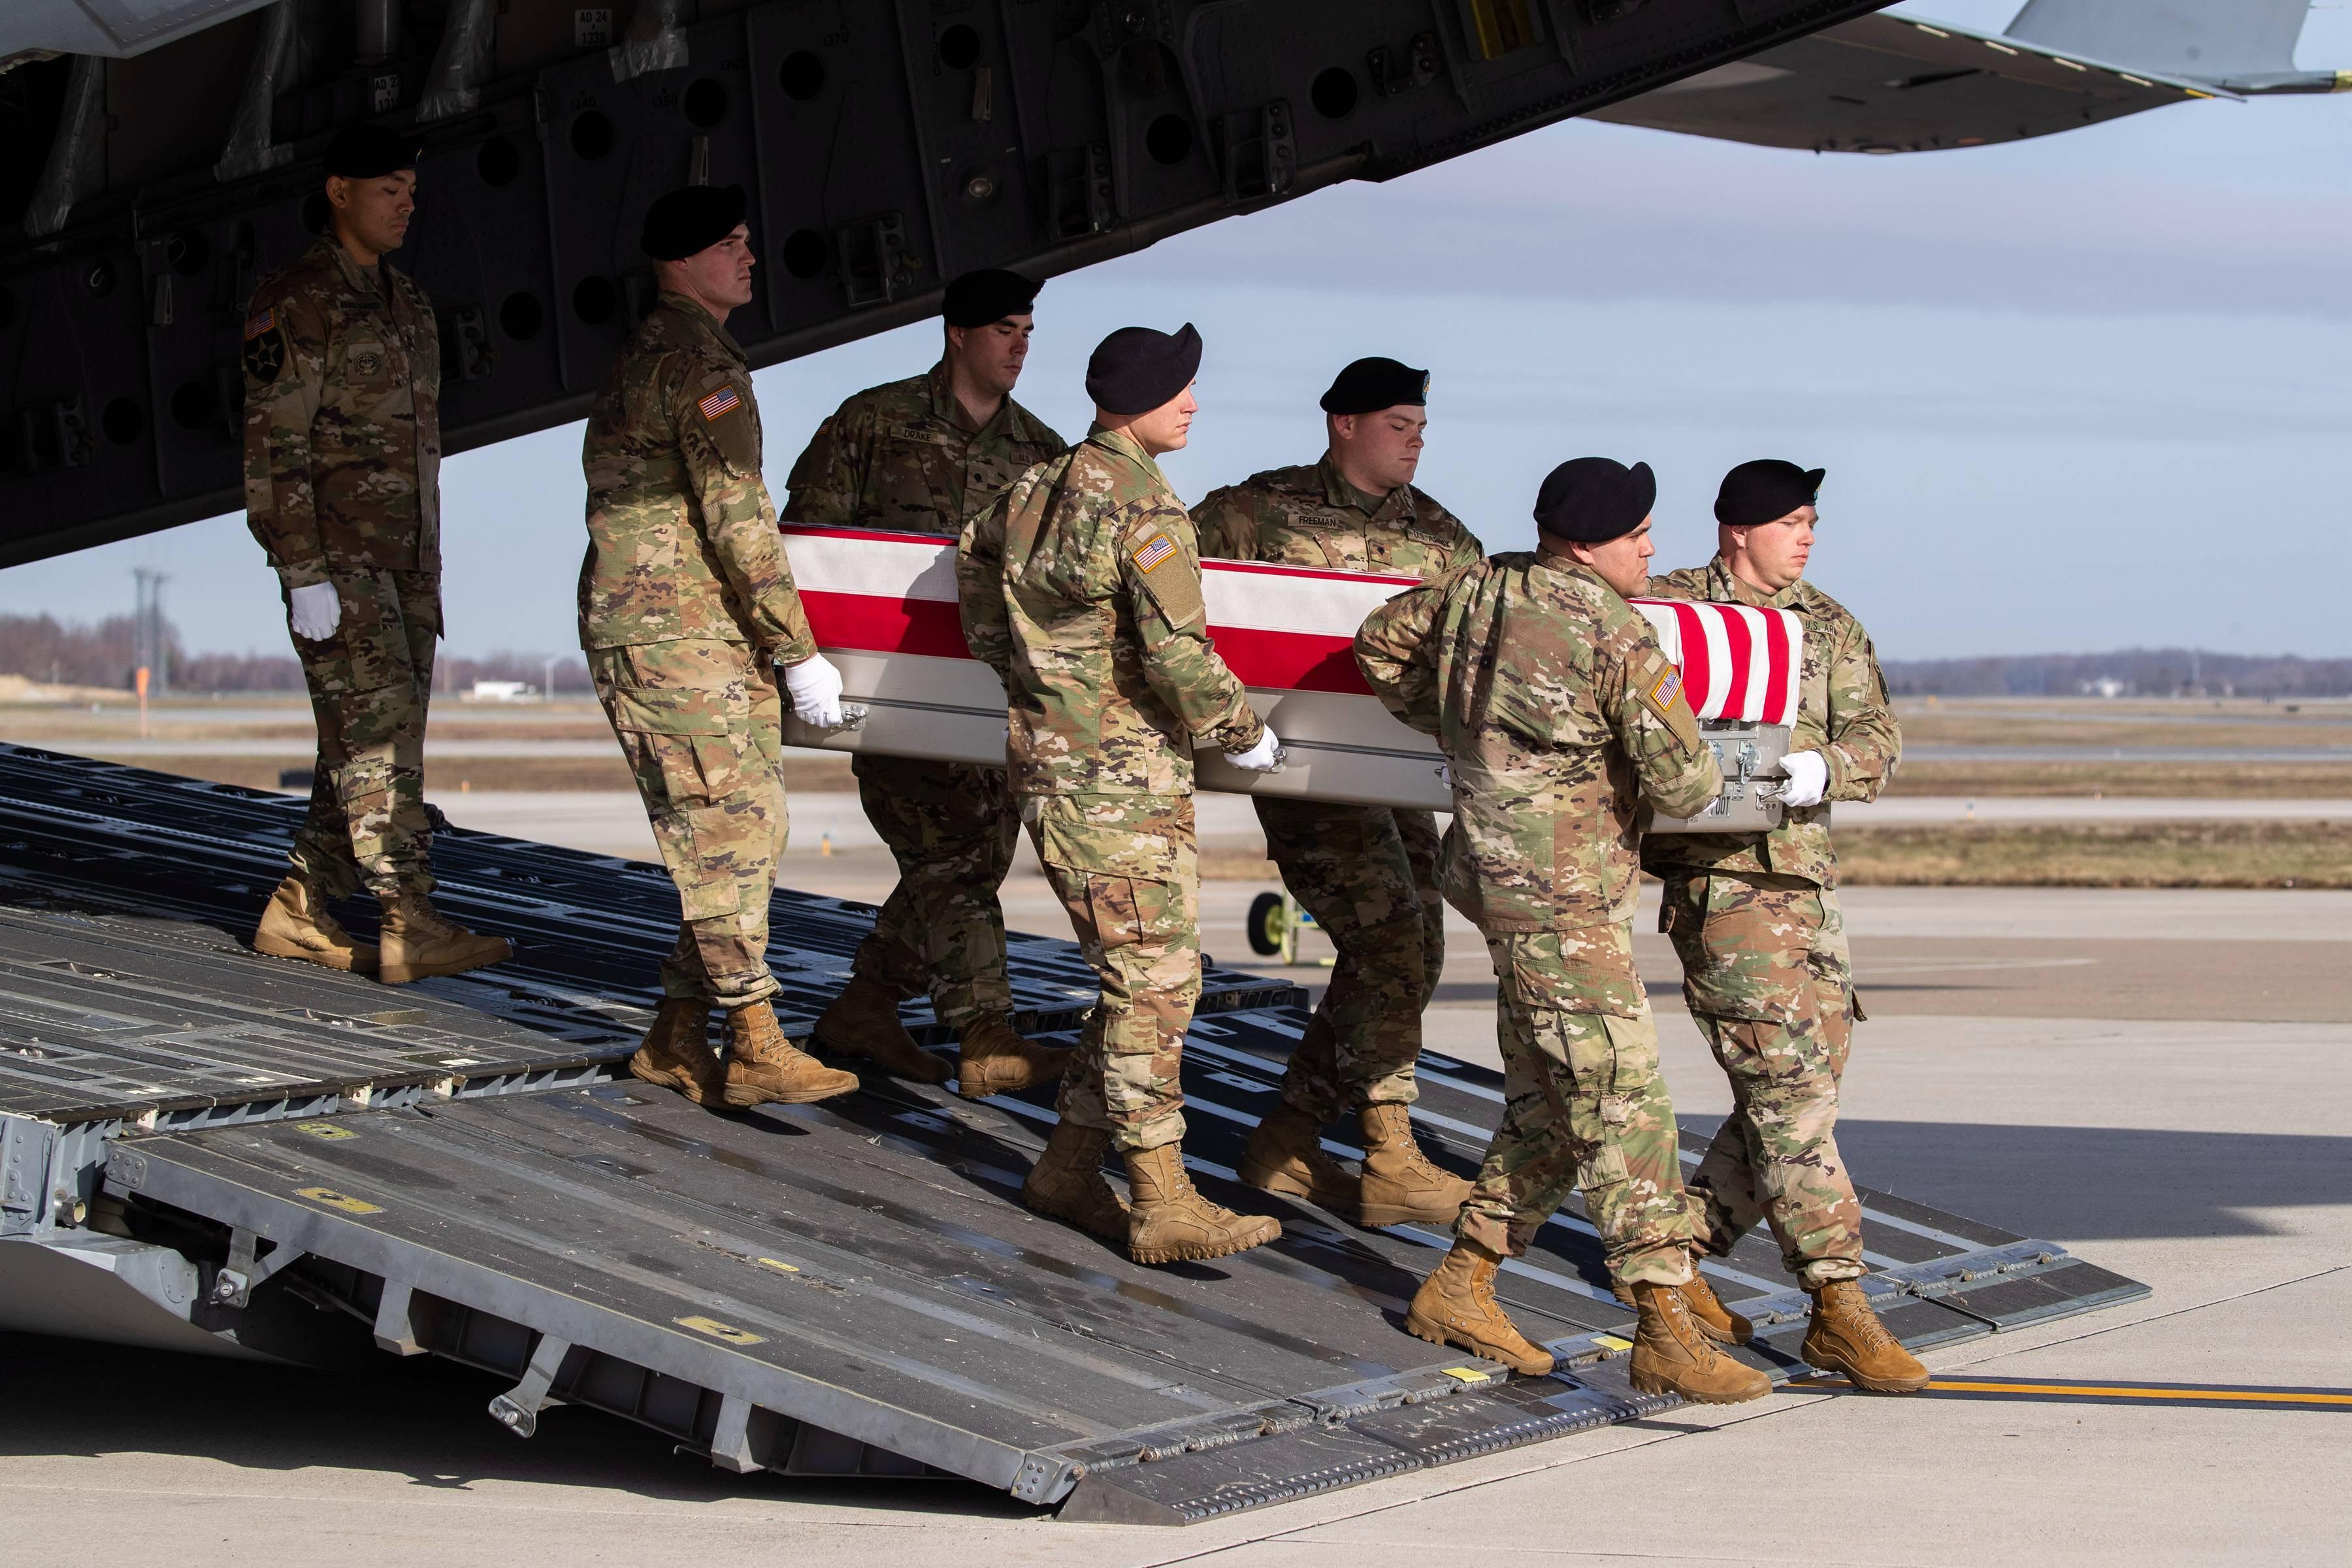 美国塔利班和解:想当年,我们曾在阿富汗一起反苏联